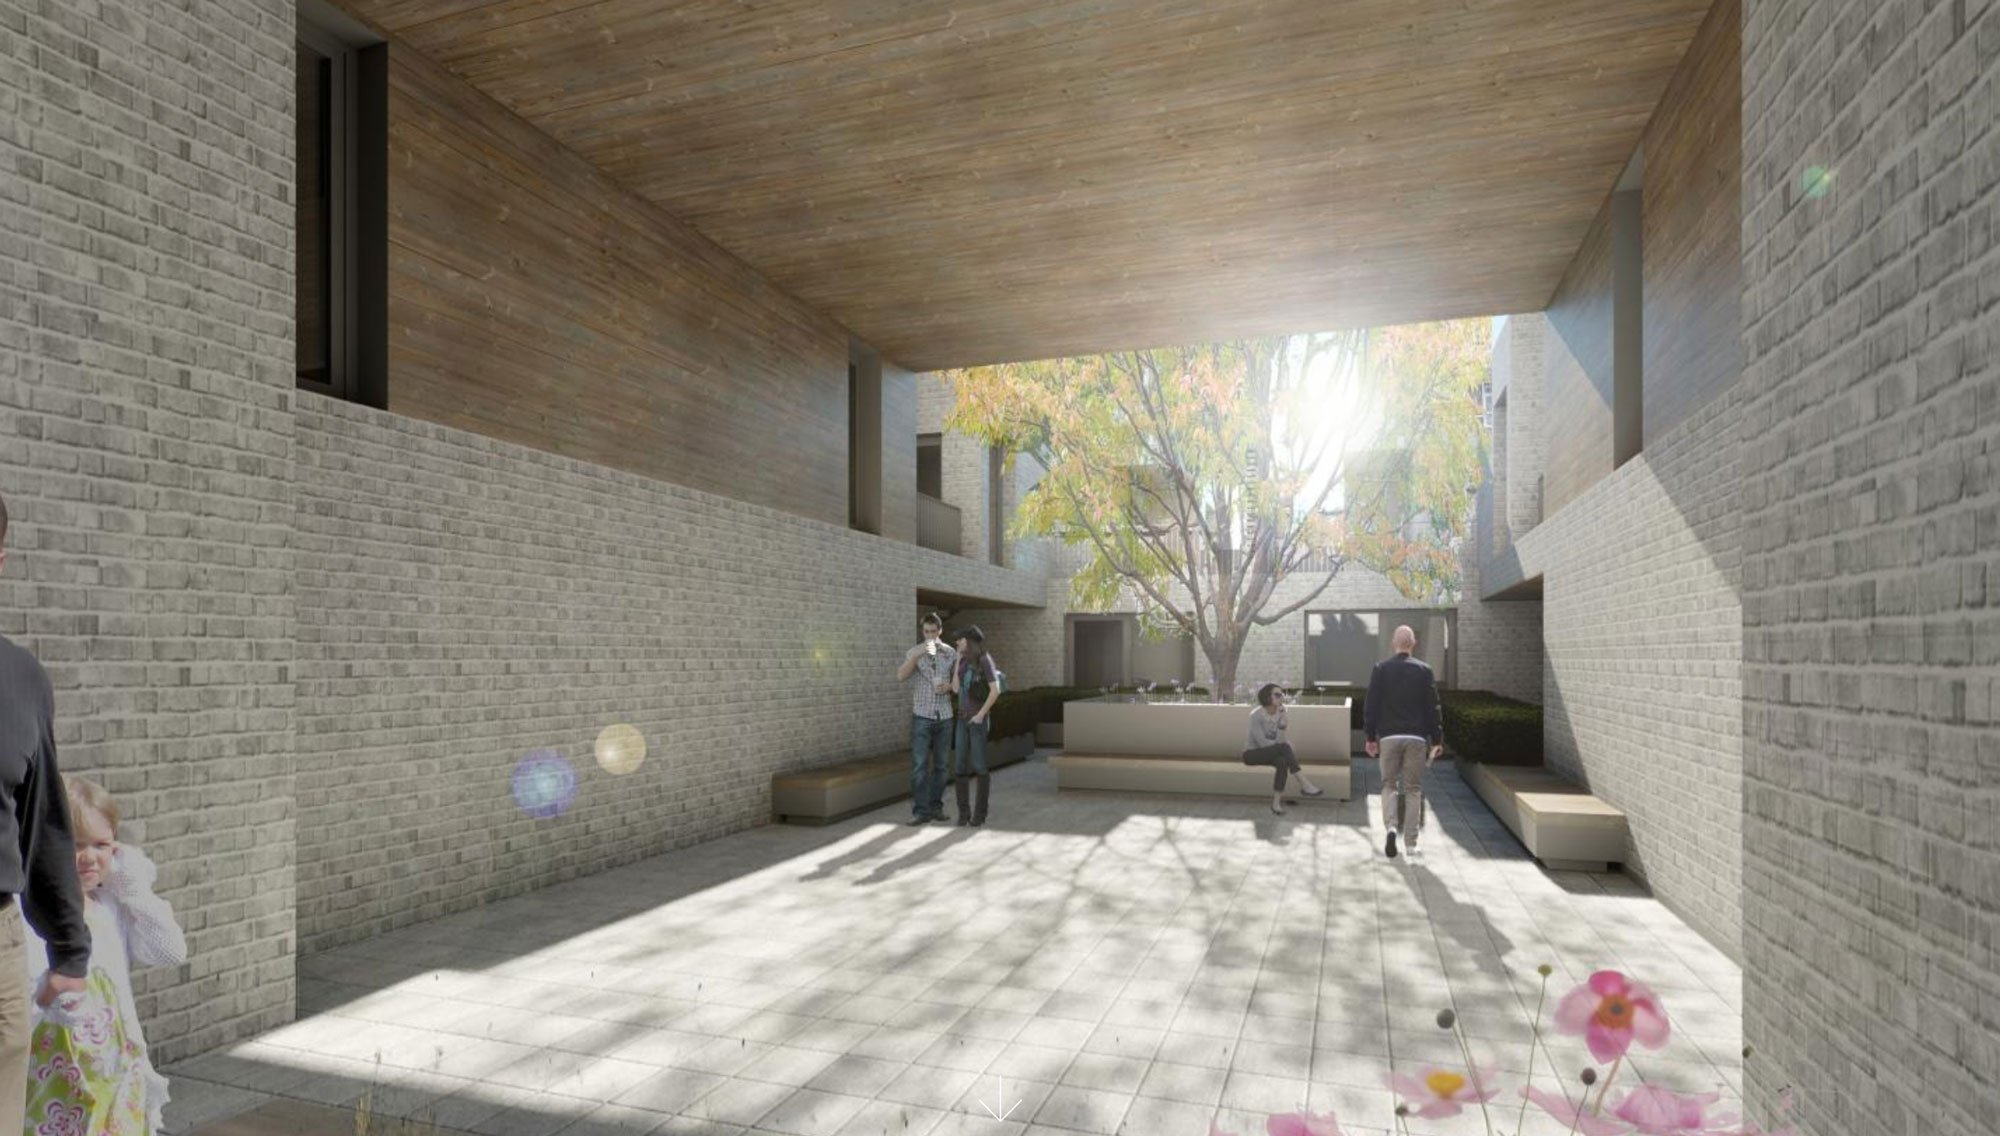 West King-Edward rental housing